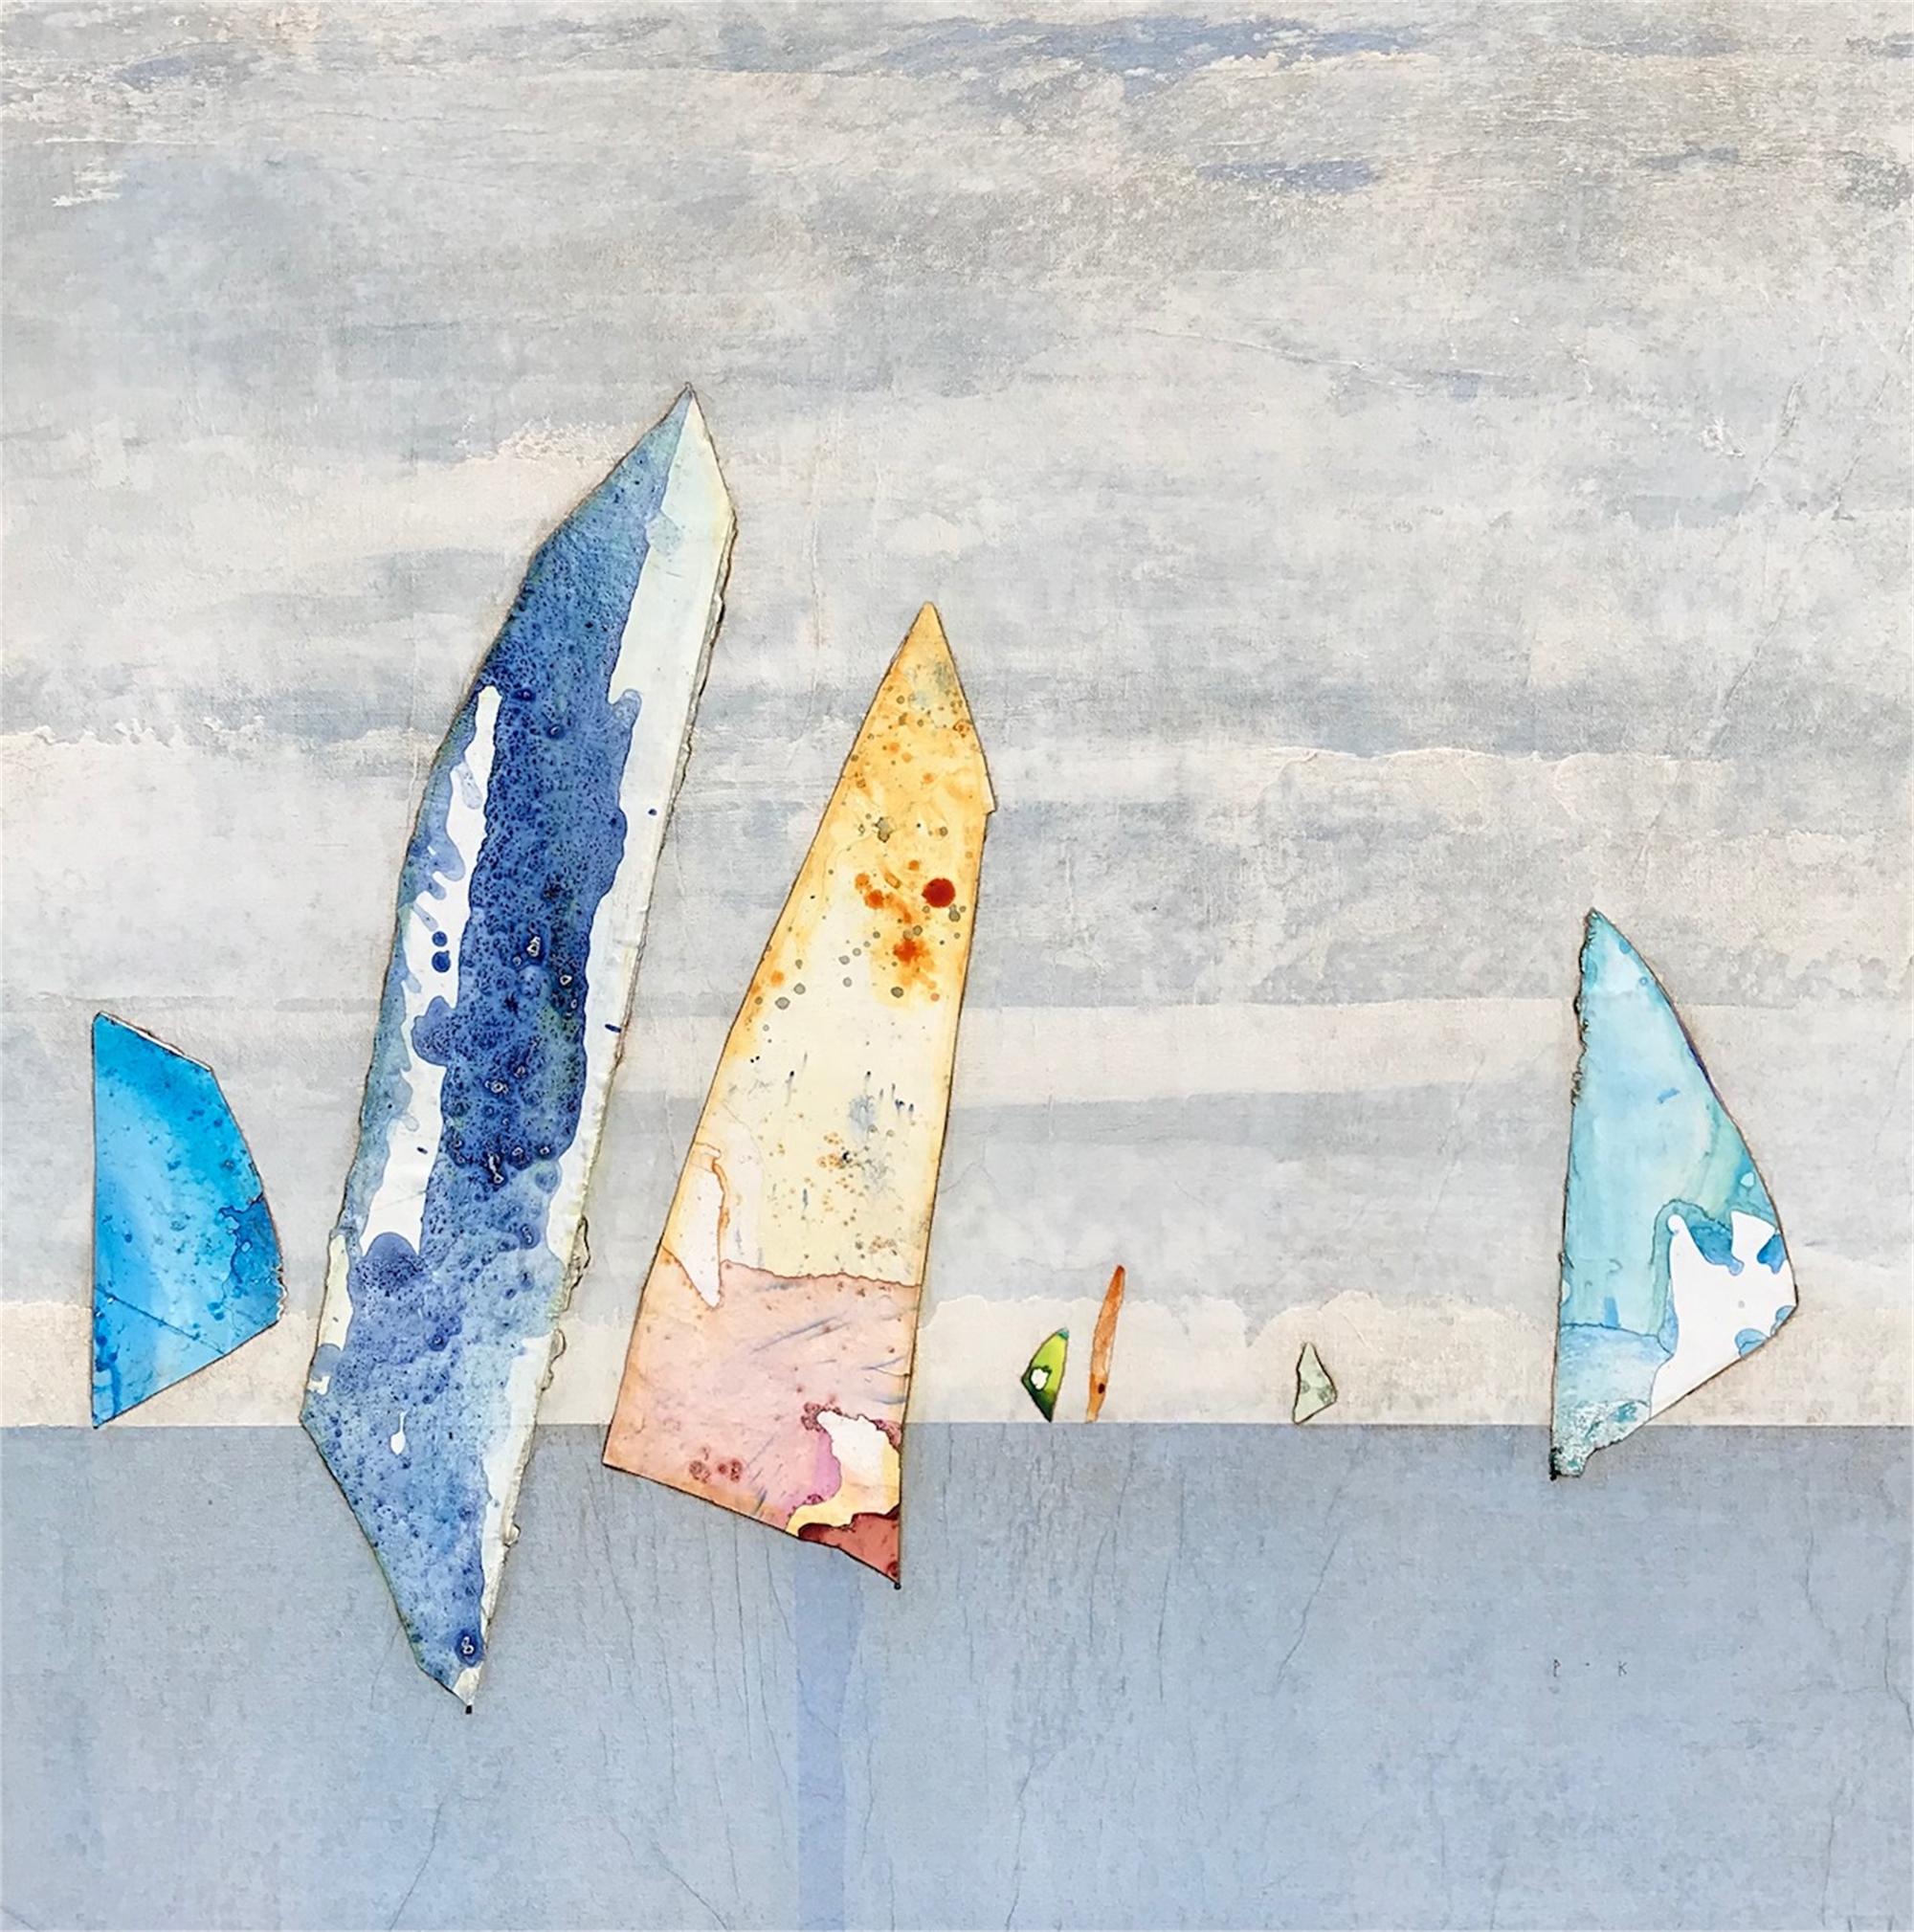 Salty Air II by Peter Kuttner